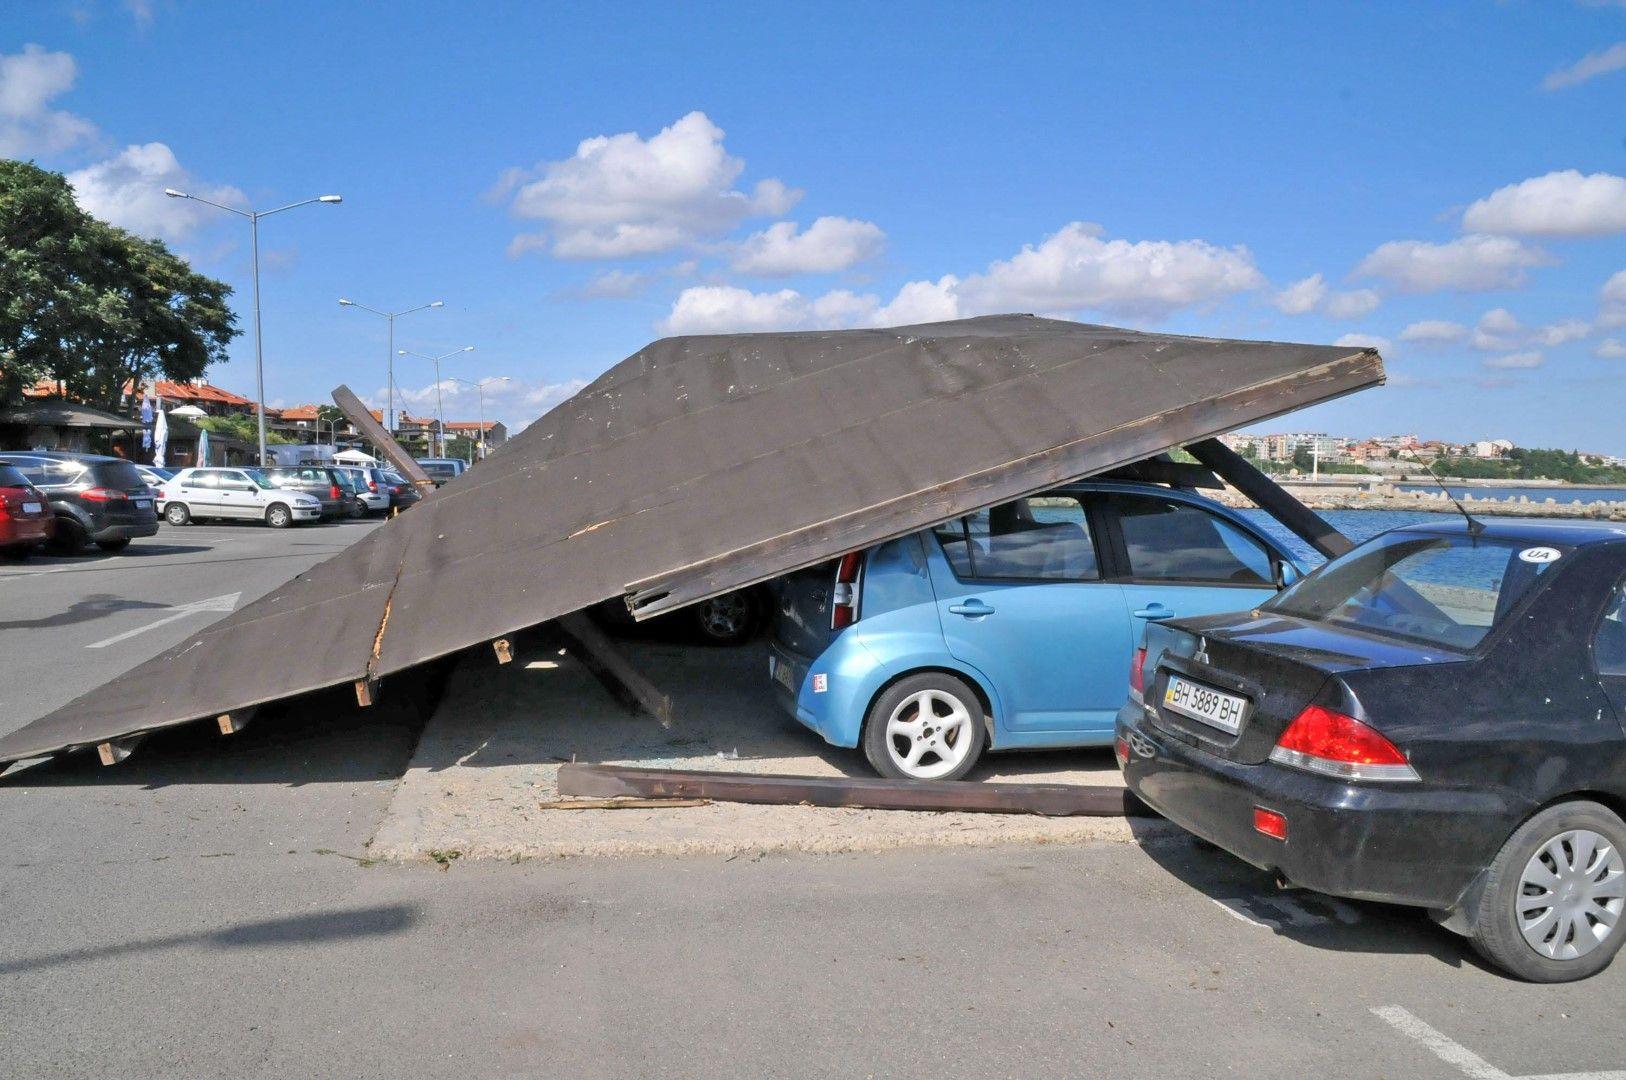 Навес ът се намира на паркинга на Северното пристанище в Несебър